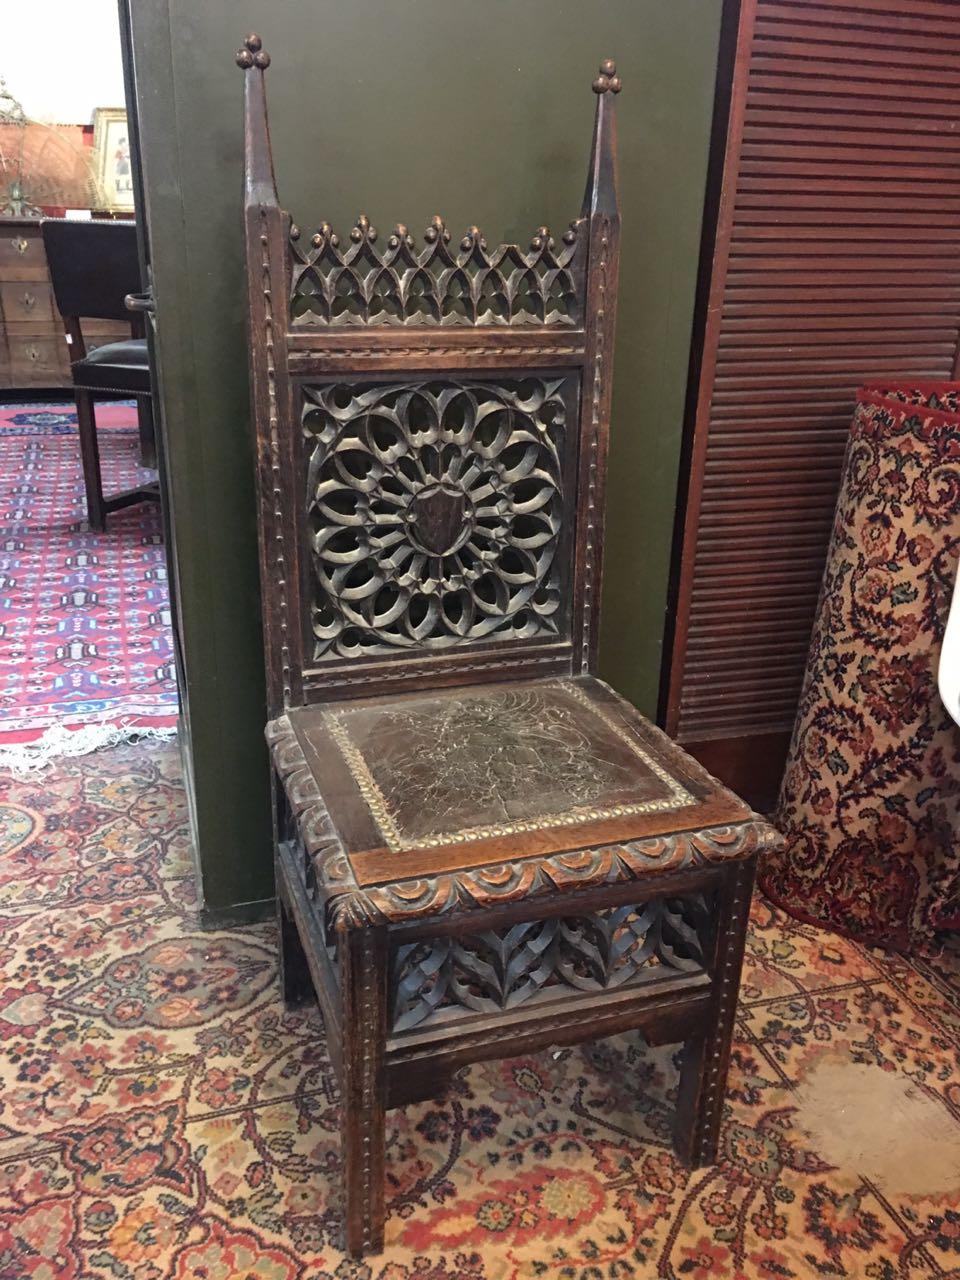 Антикварная мебель: 4 антикварных стула в стиле Готика 180105004